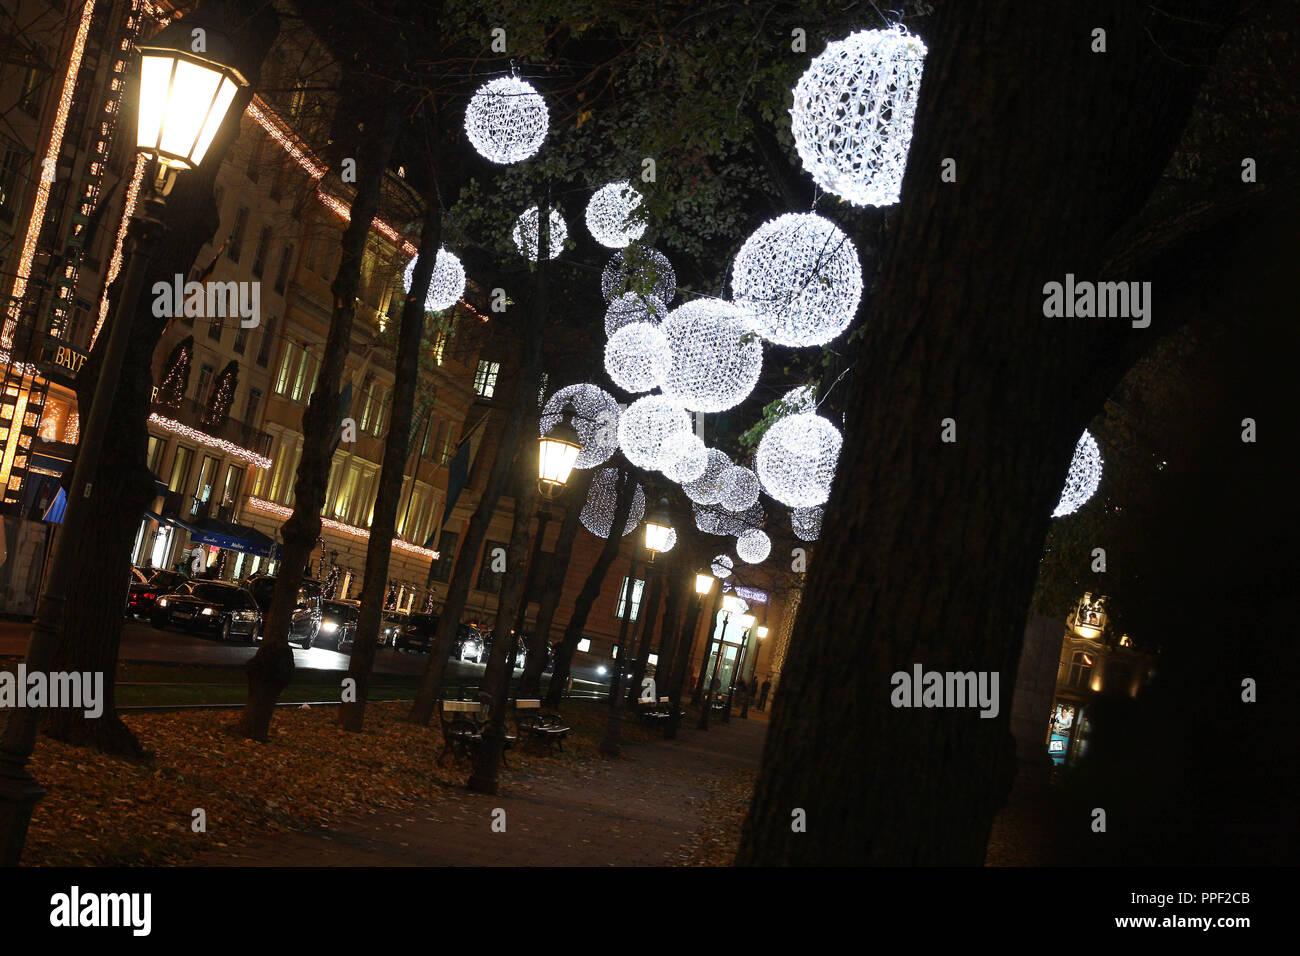 Weihnachtsbeleuchtung München.Weihnachtsbeleuchtung Auf Den Bäumen Am Promenadeplatz In München